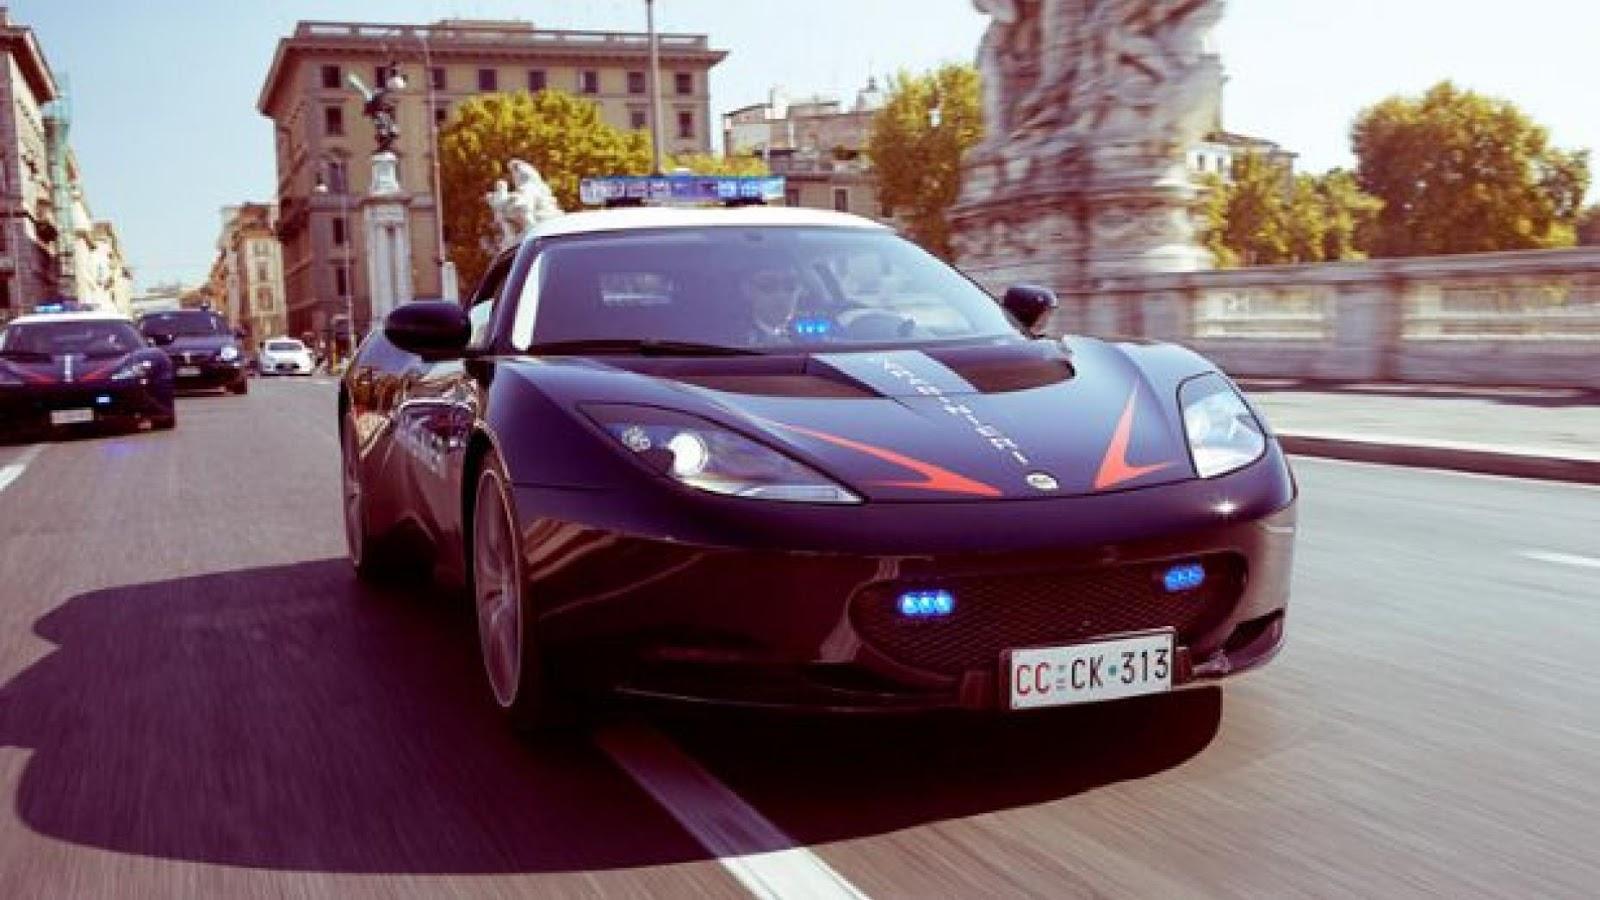 Italian police Lotus Evora S